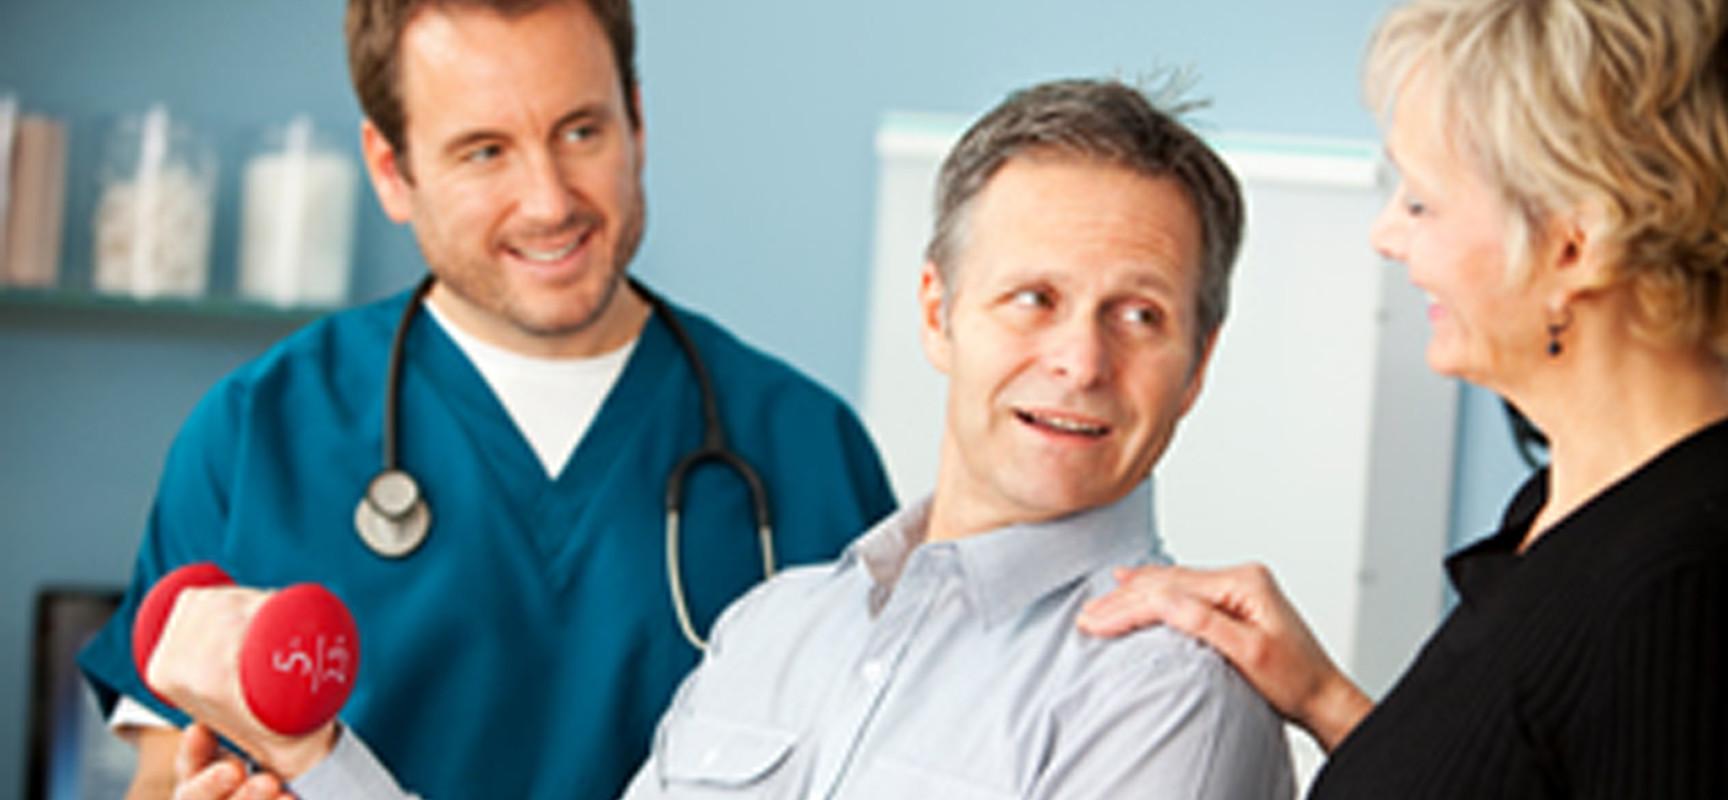 Атеросклероз: актуальные проблемы диагностики и профилактики